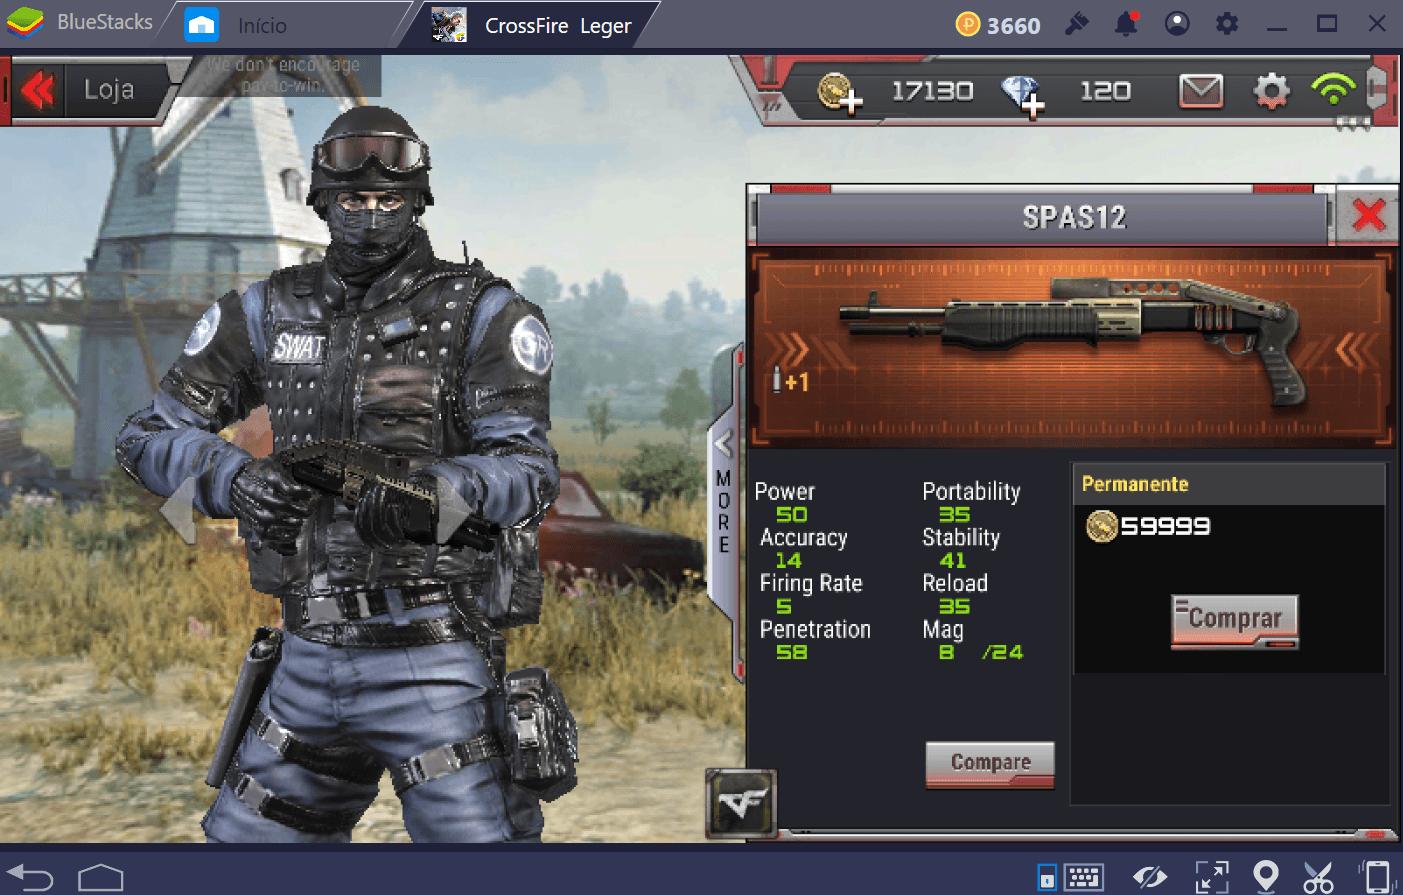 Guia de armas e equipamentos em CrossFire: Legends